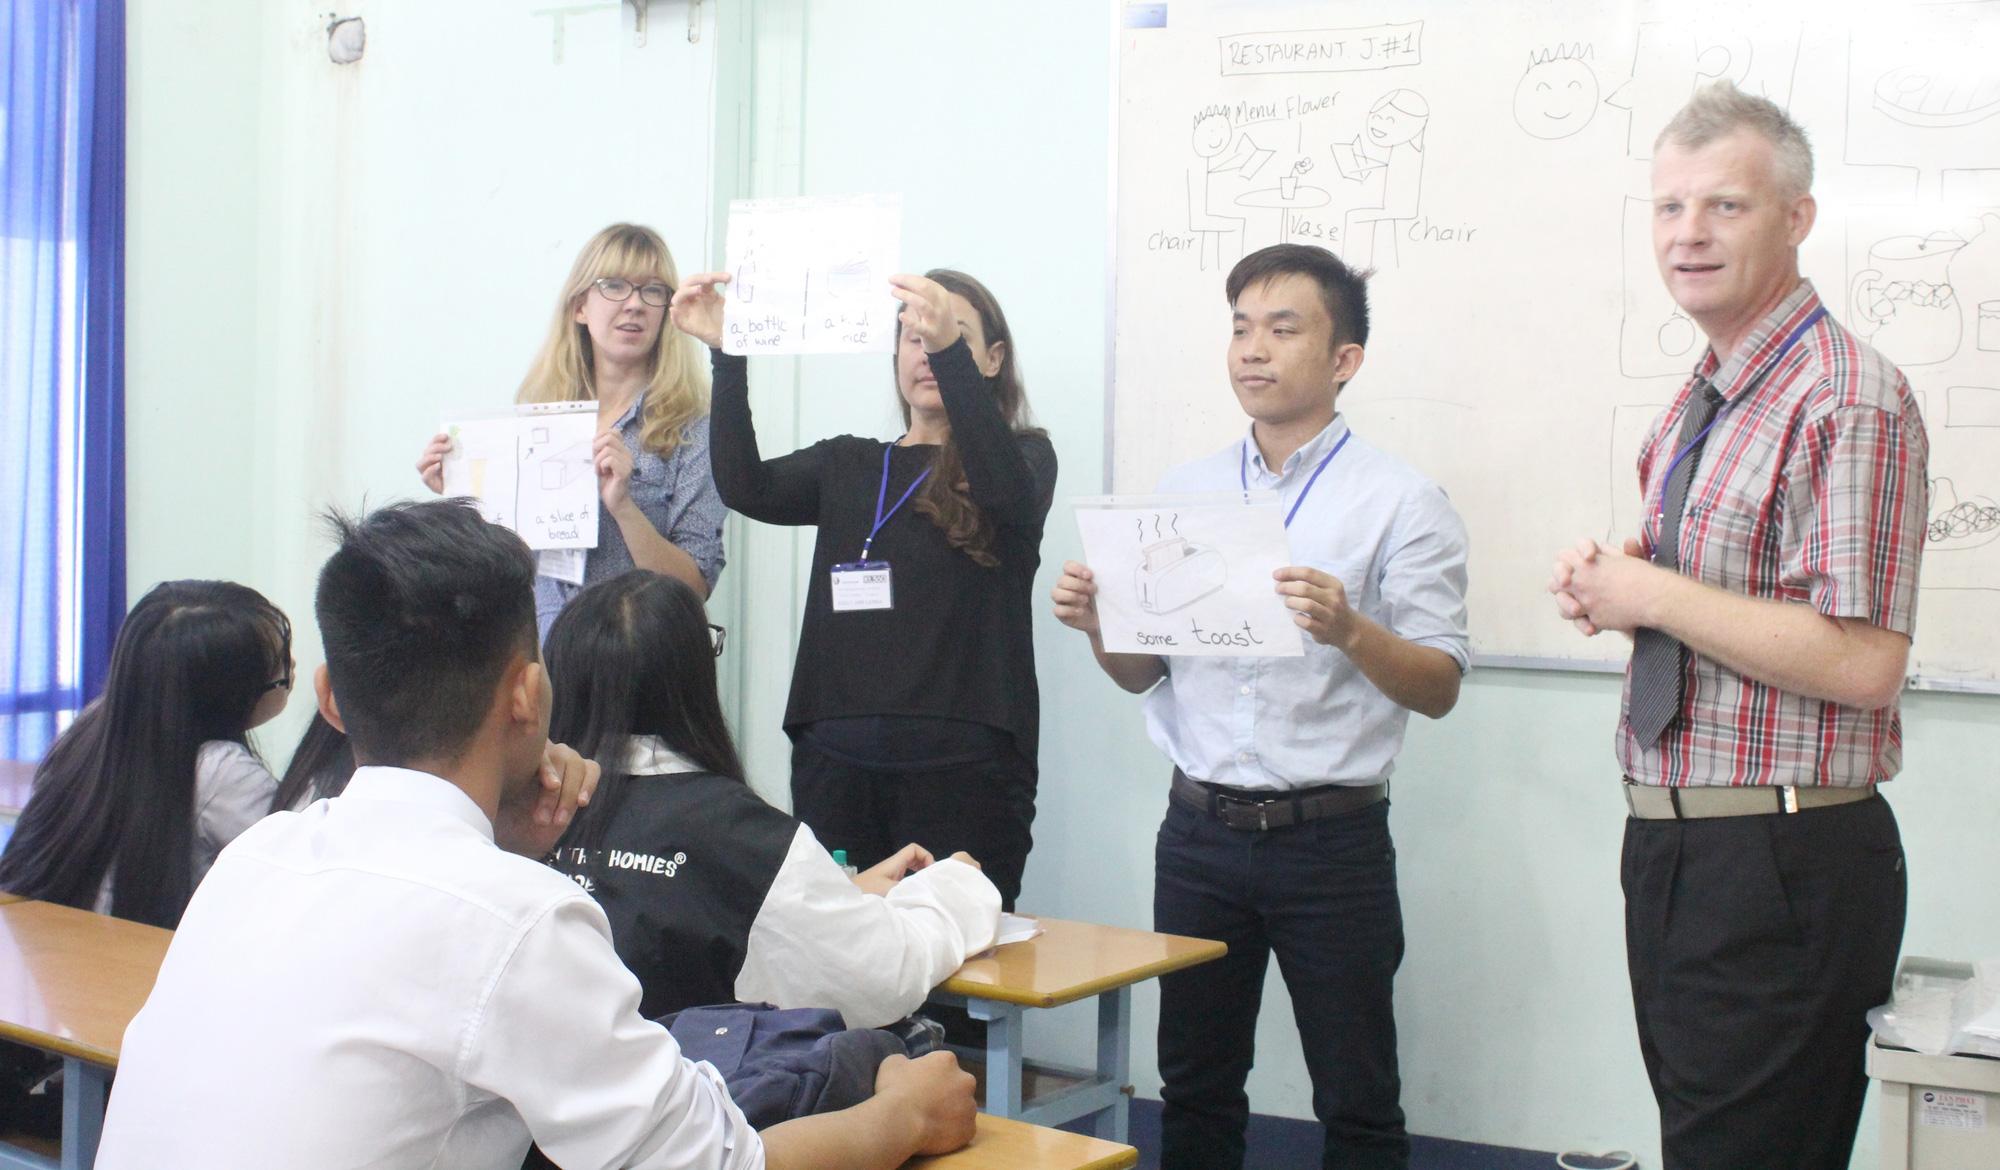 Trường Việt Giao dành 300 chỉ tiêu tuyển sinh vào lớp 10 hệ Trung cấp chính quy - Ảnh 3.